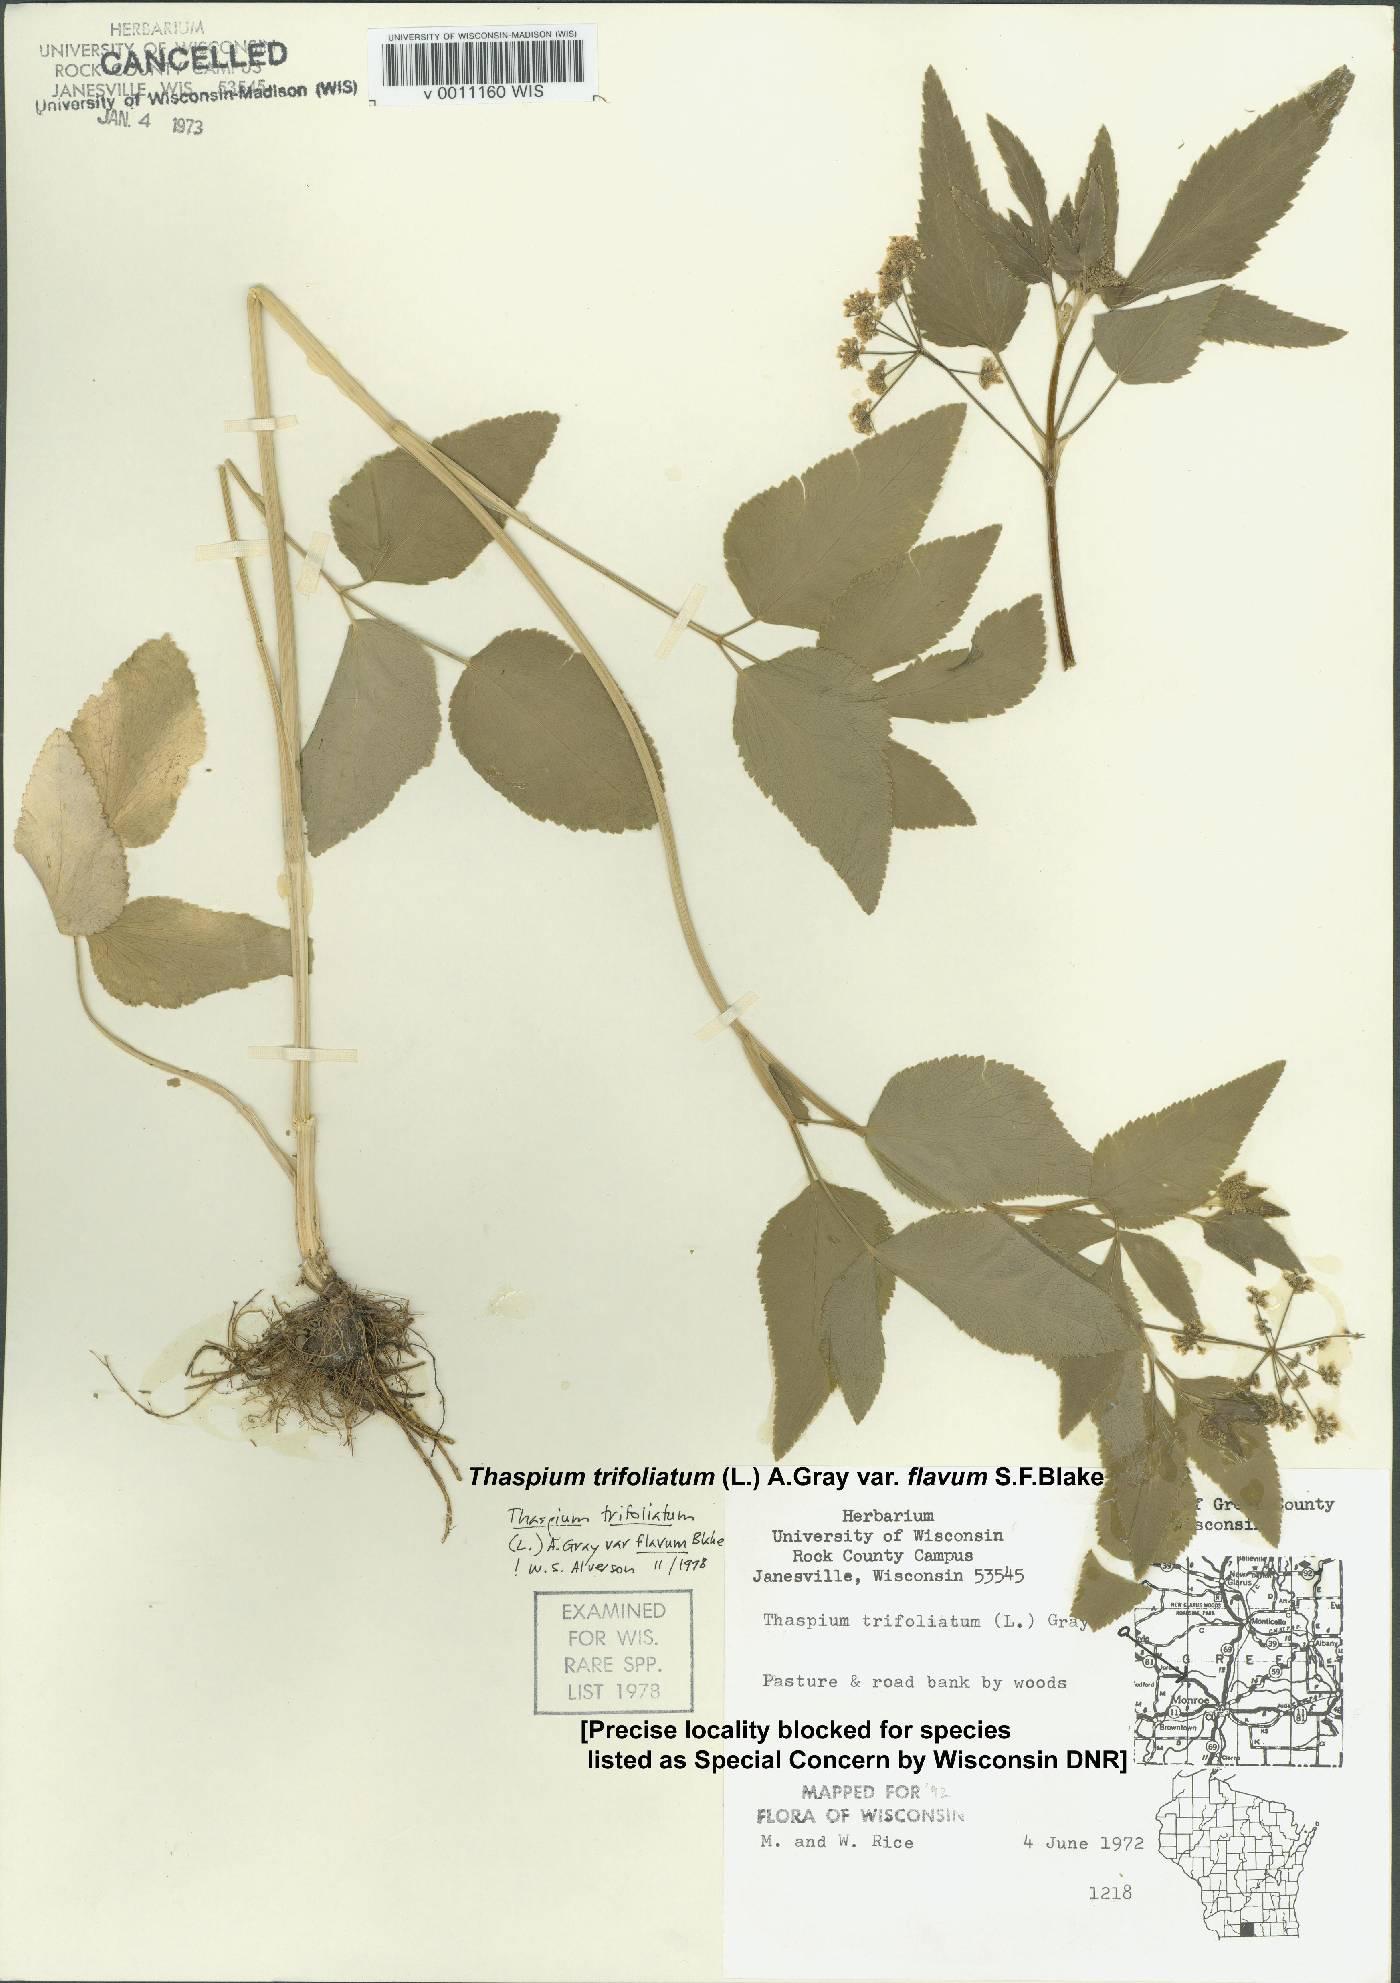 Thaspium trifoliatum var. flavum image